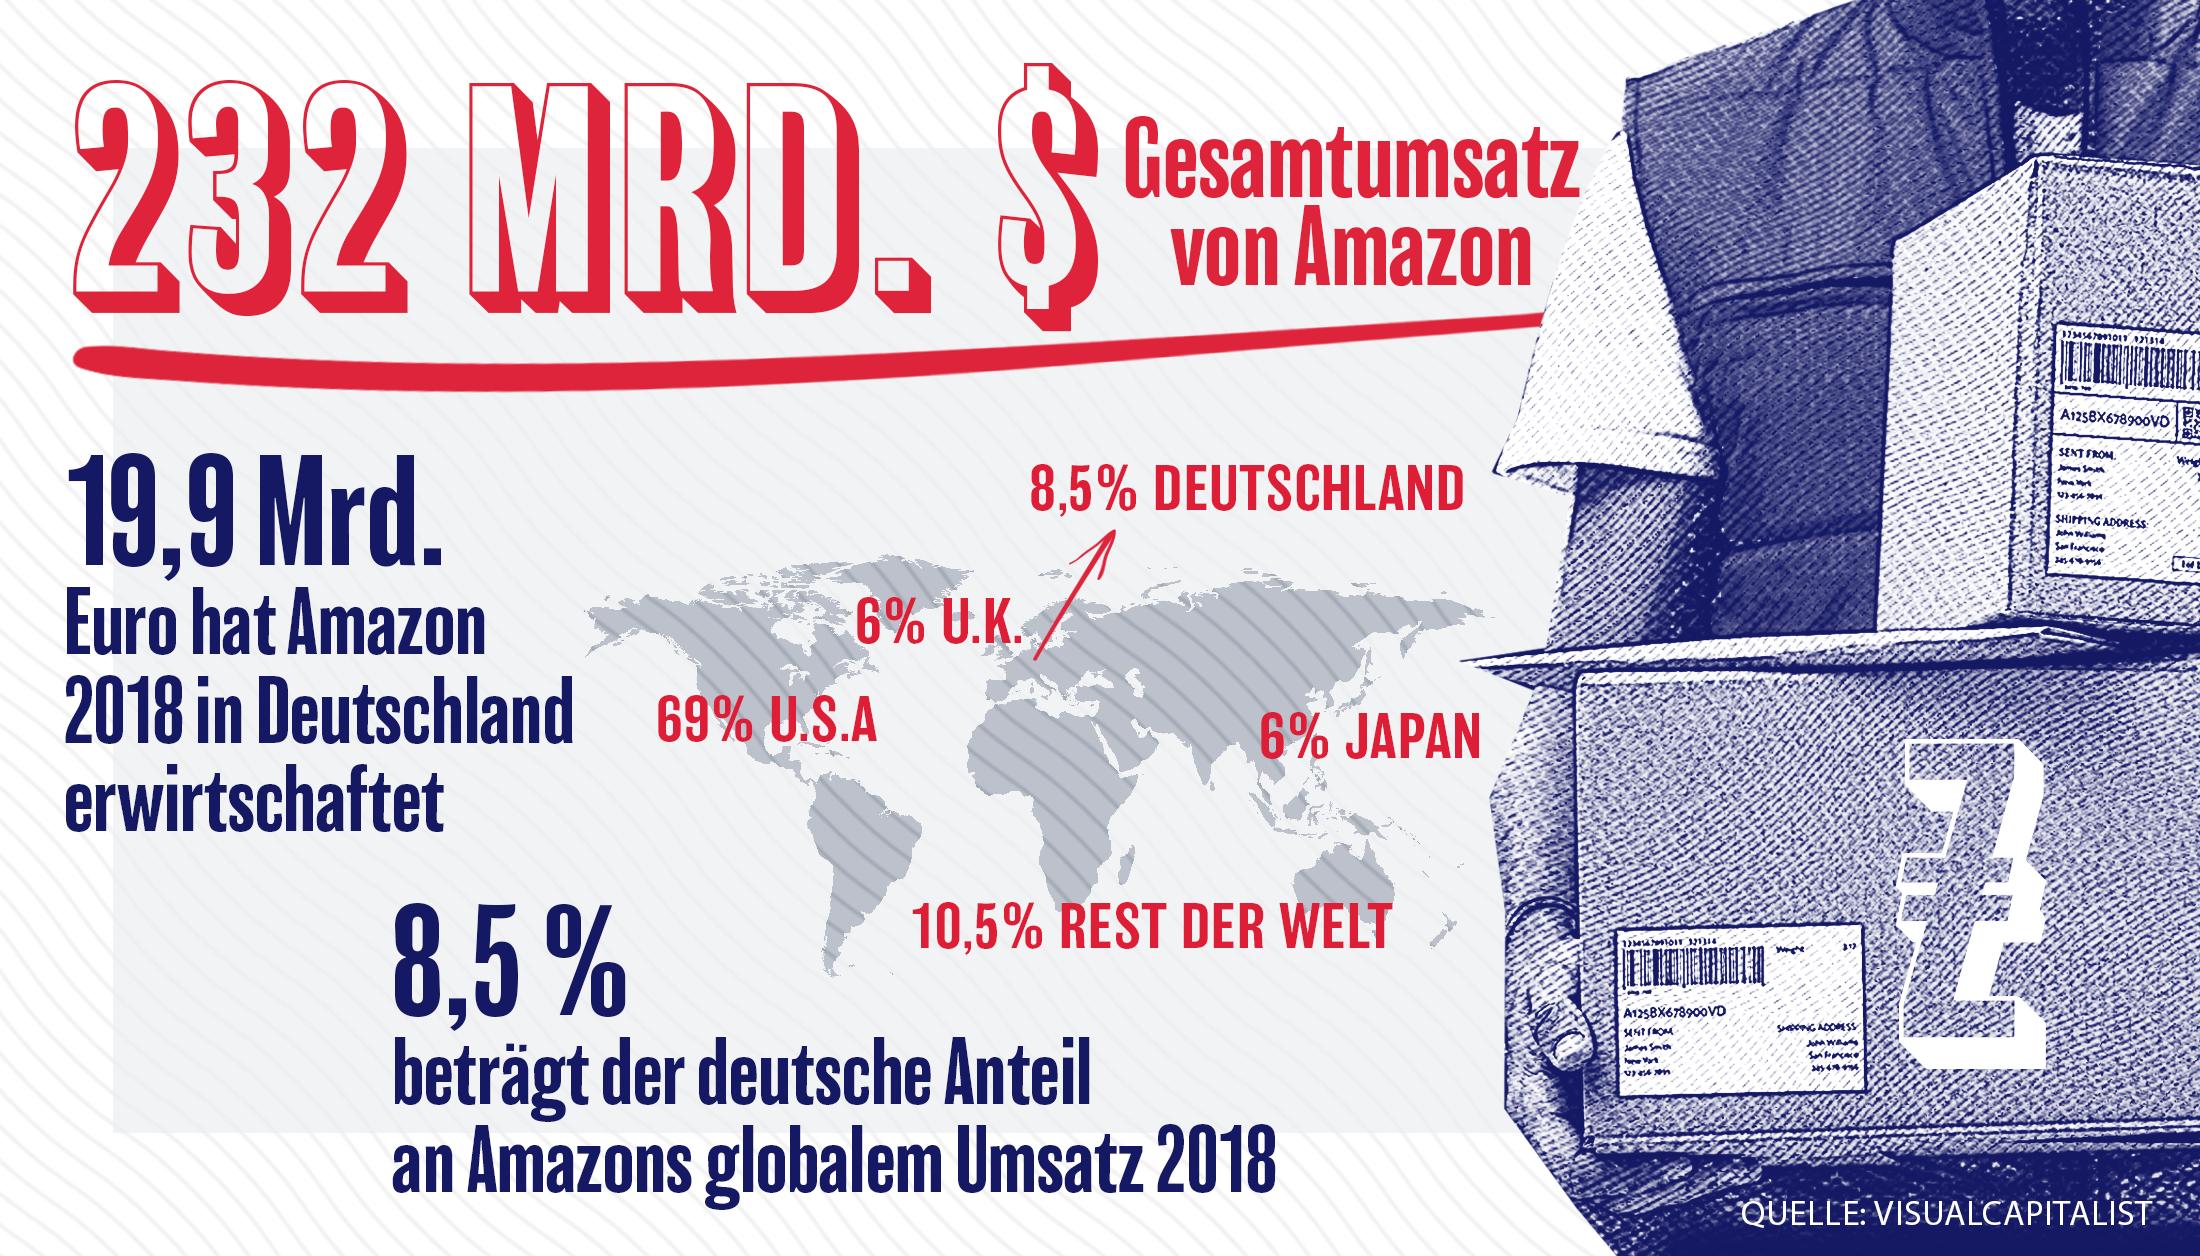 Gesamtumsatz von Amazon